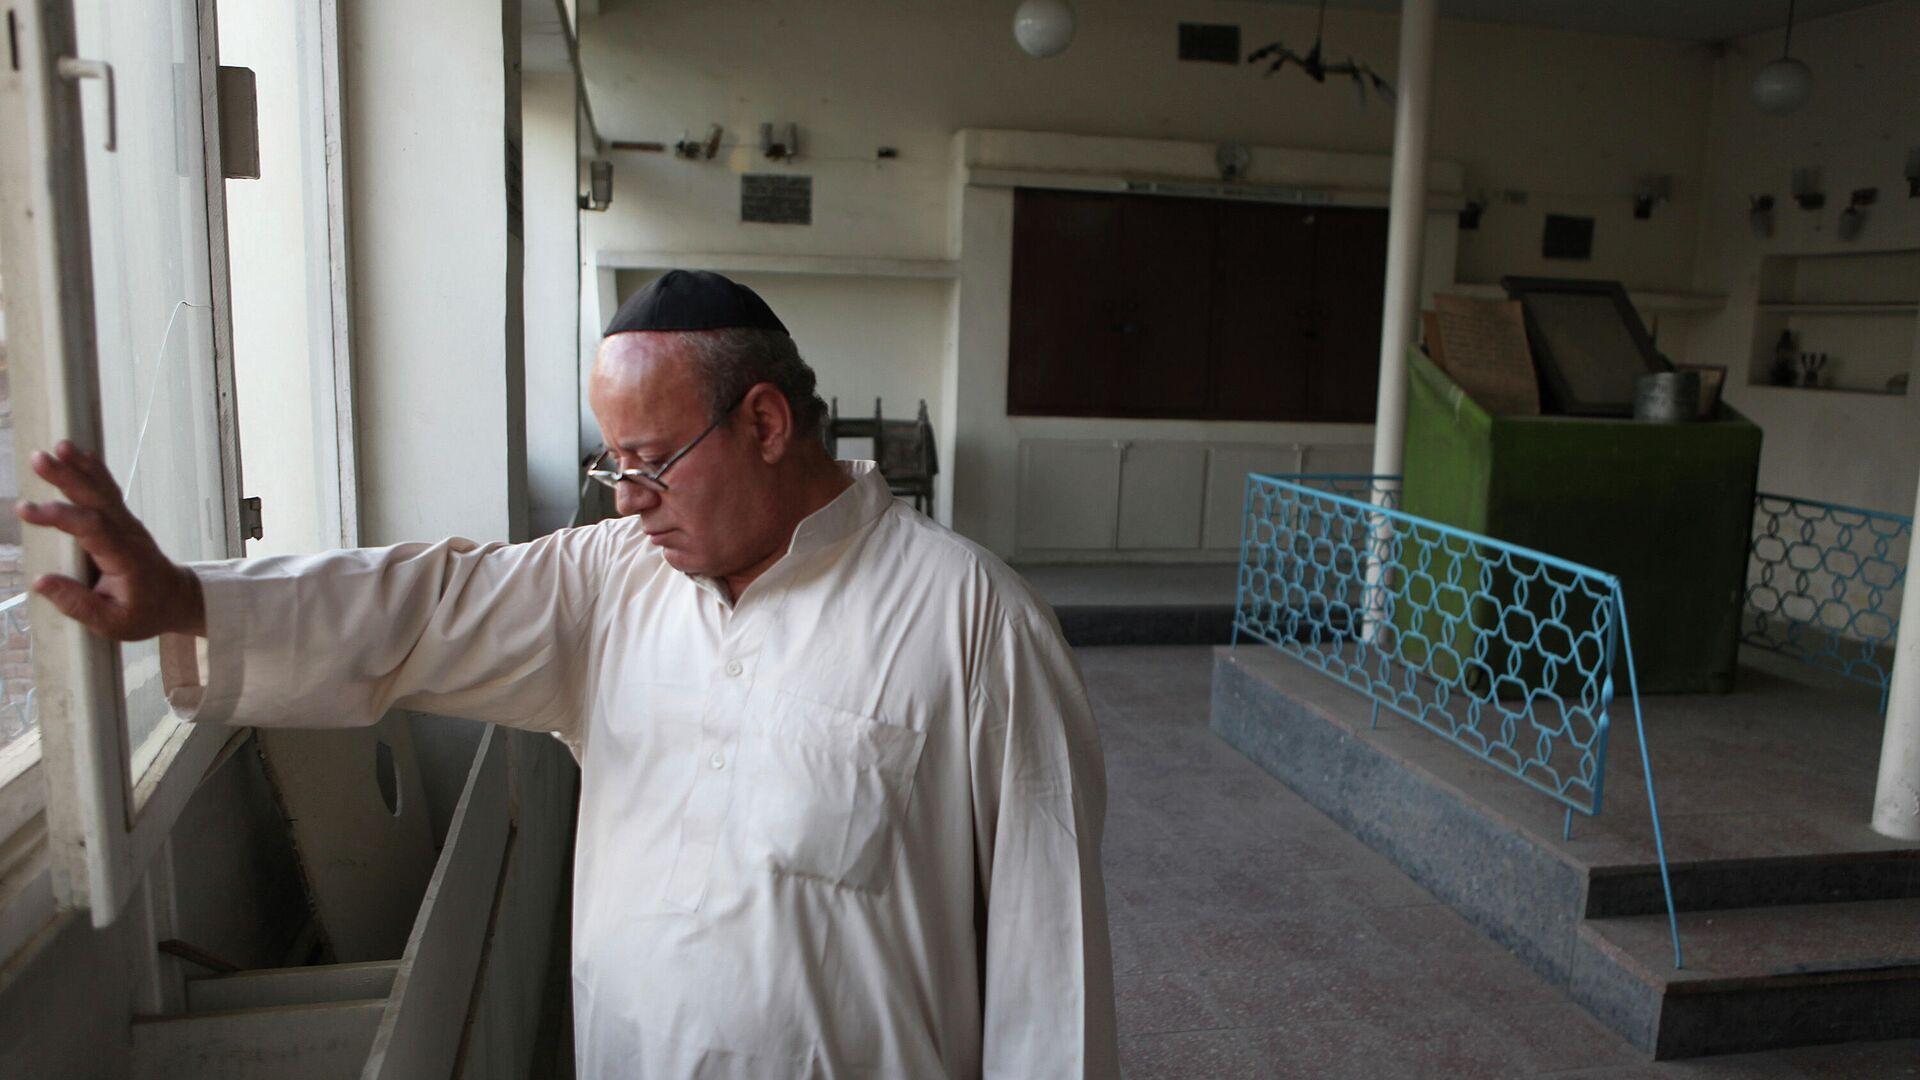 Забулон Симинтов, последний известный еврей, живущий в Афганистане, закрывает окно в синагогу - Sputnik Тоҷикистон, 1920, 09.09.2021